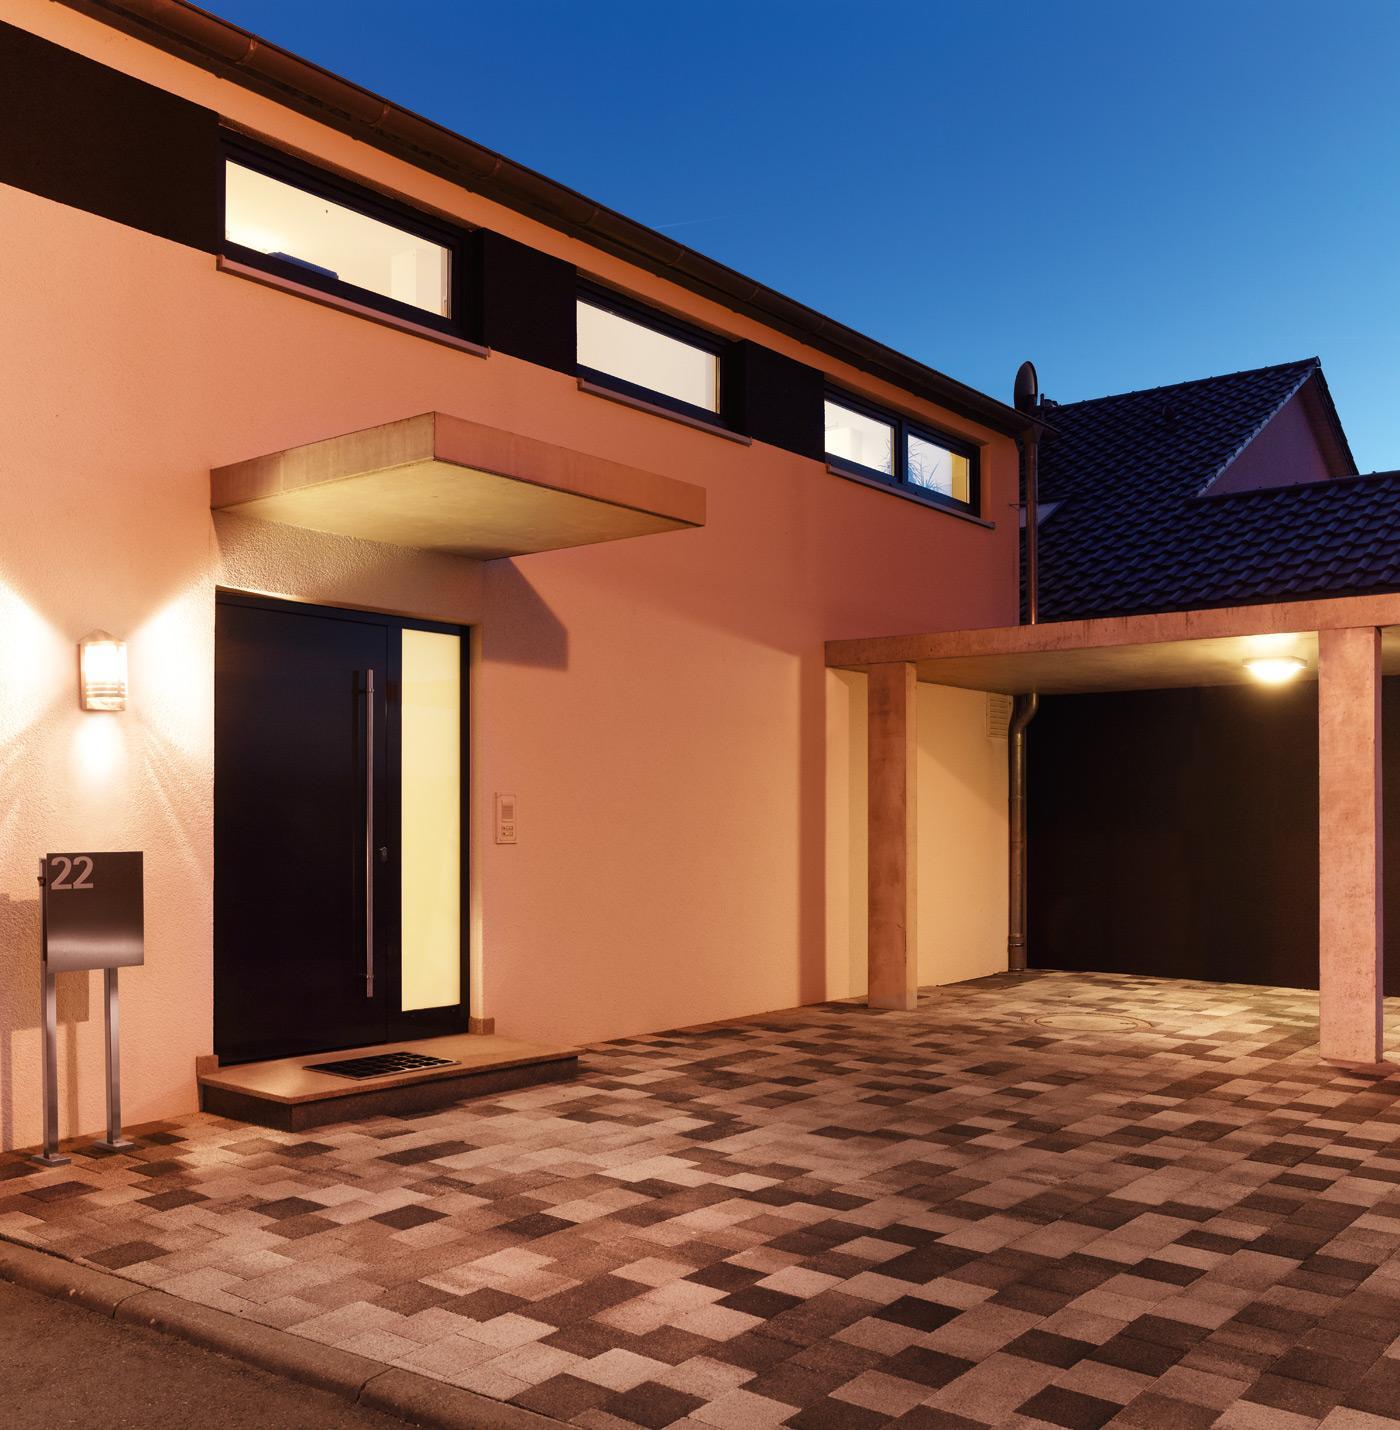 Steinel sensor au enleuchte l 170 s edelstahl laternen leuchte im klassischen design mit 180 - Vender garaje ...